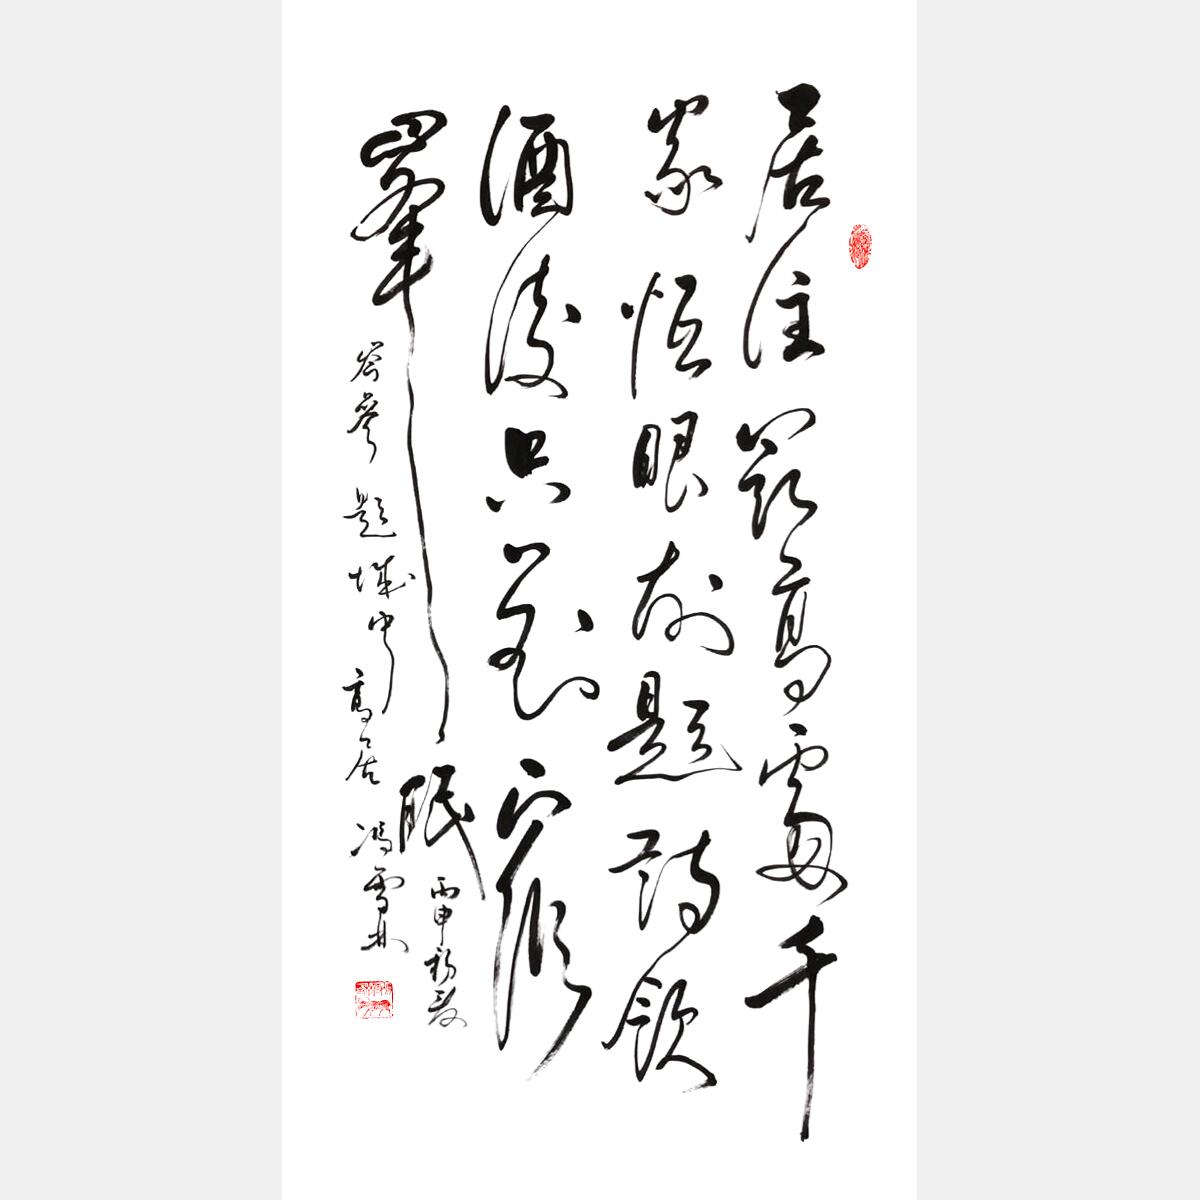 岑参《题梁锽城中高居》书法作品 行草条幅字画